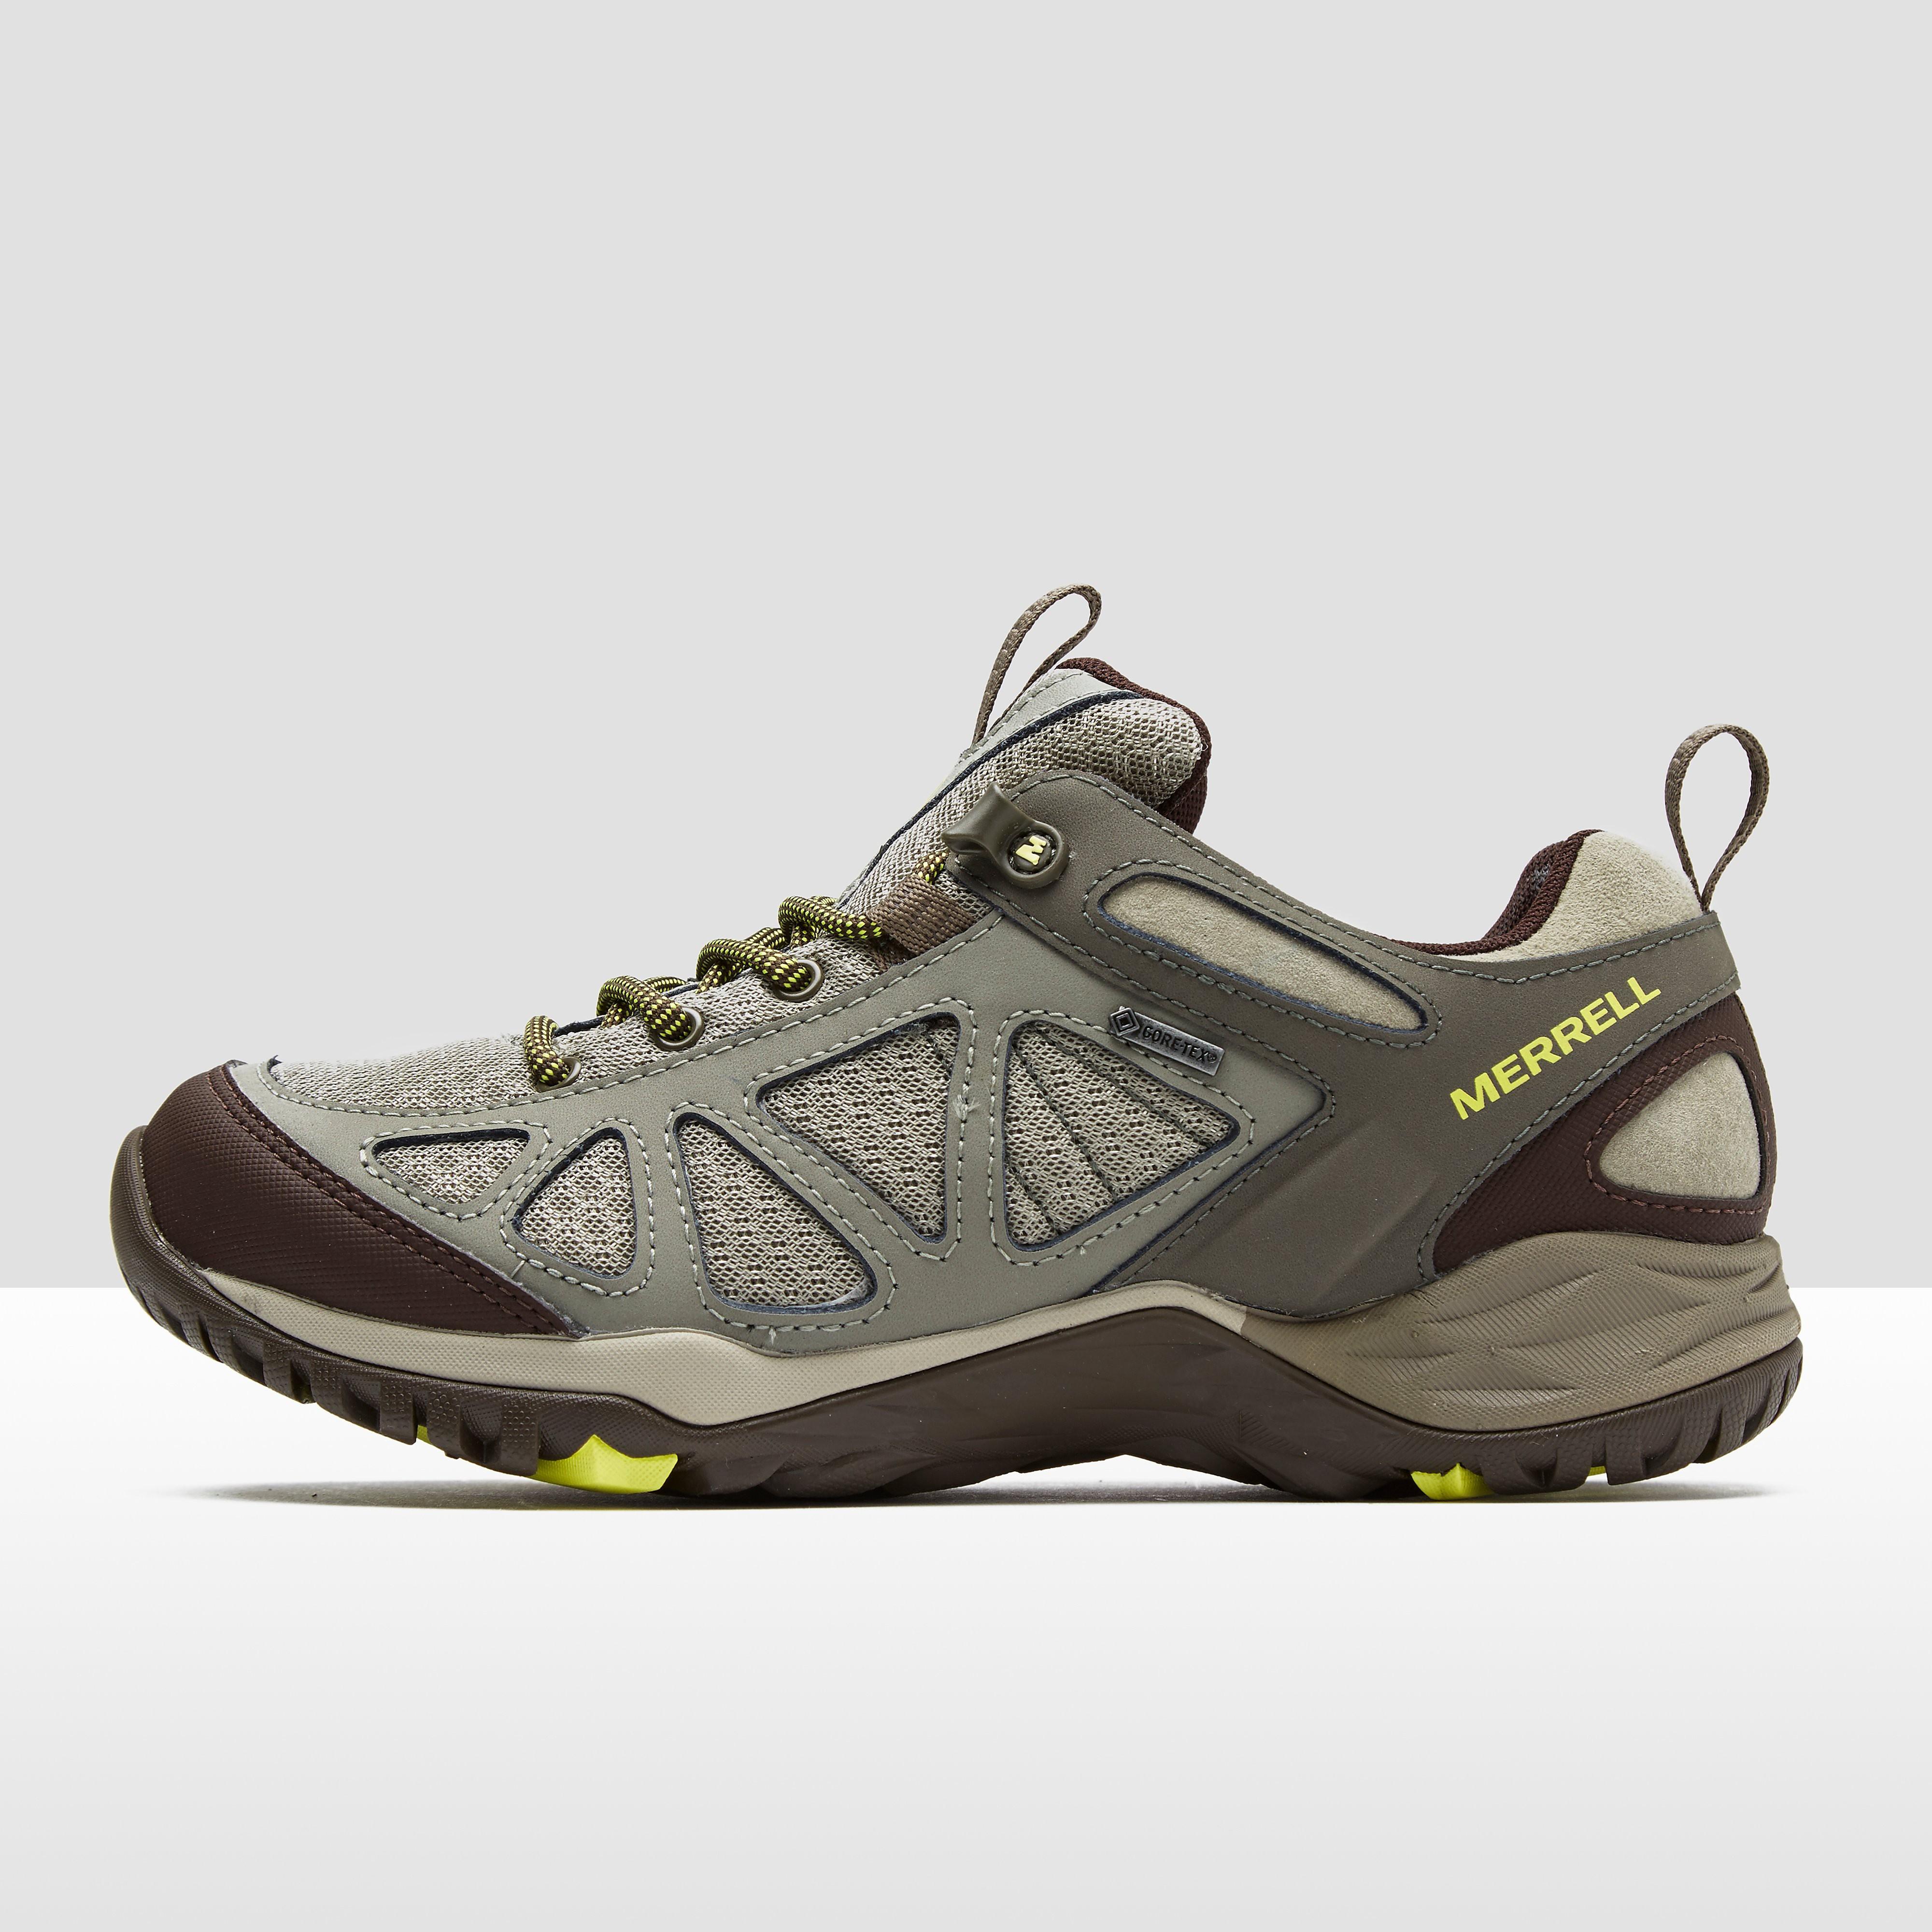 Merrell Siren Sport Q2 GTX Women's Walking Shoes